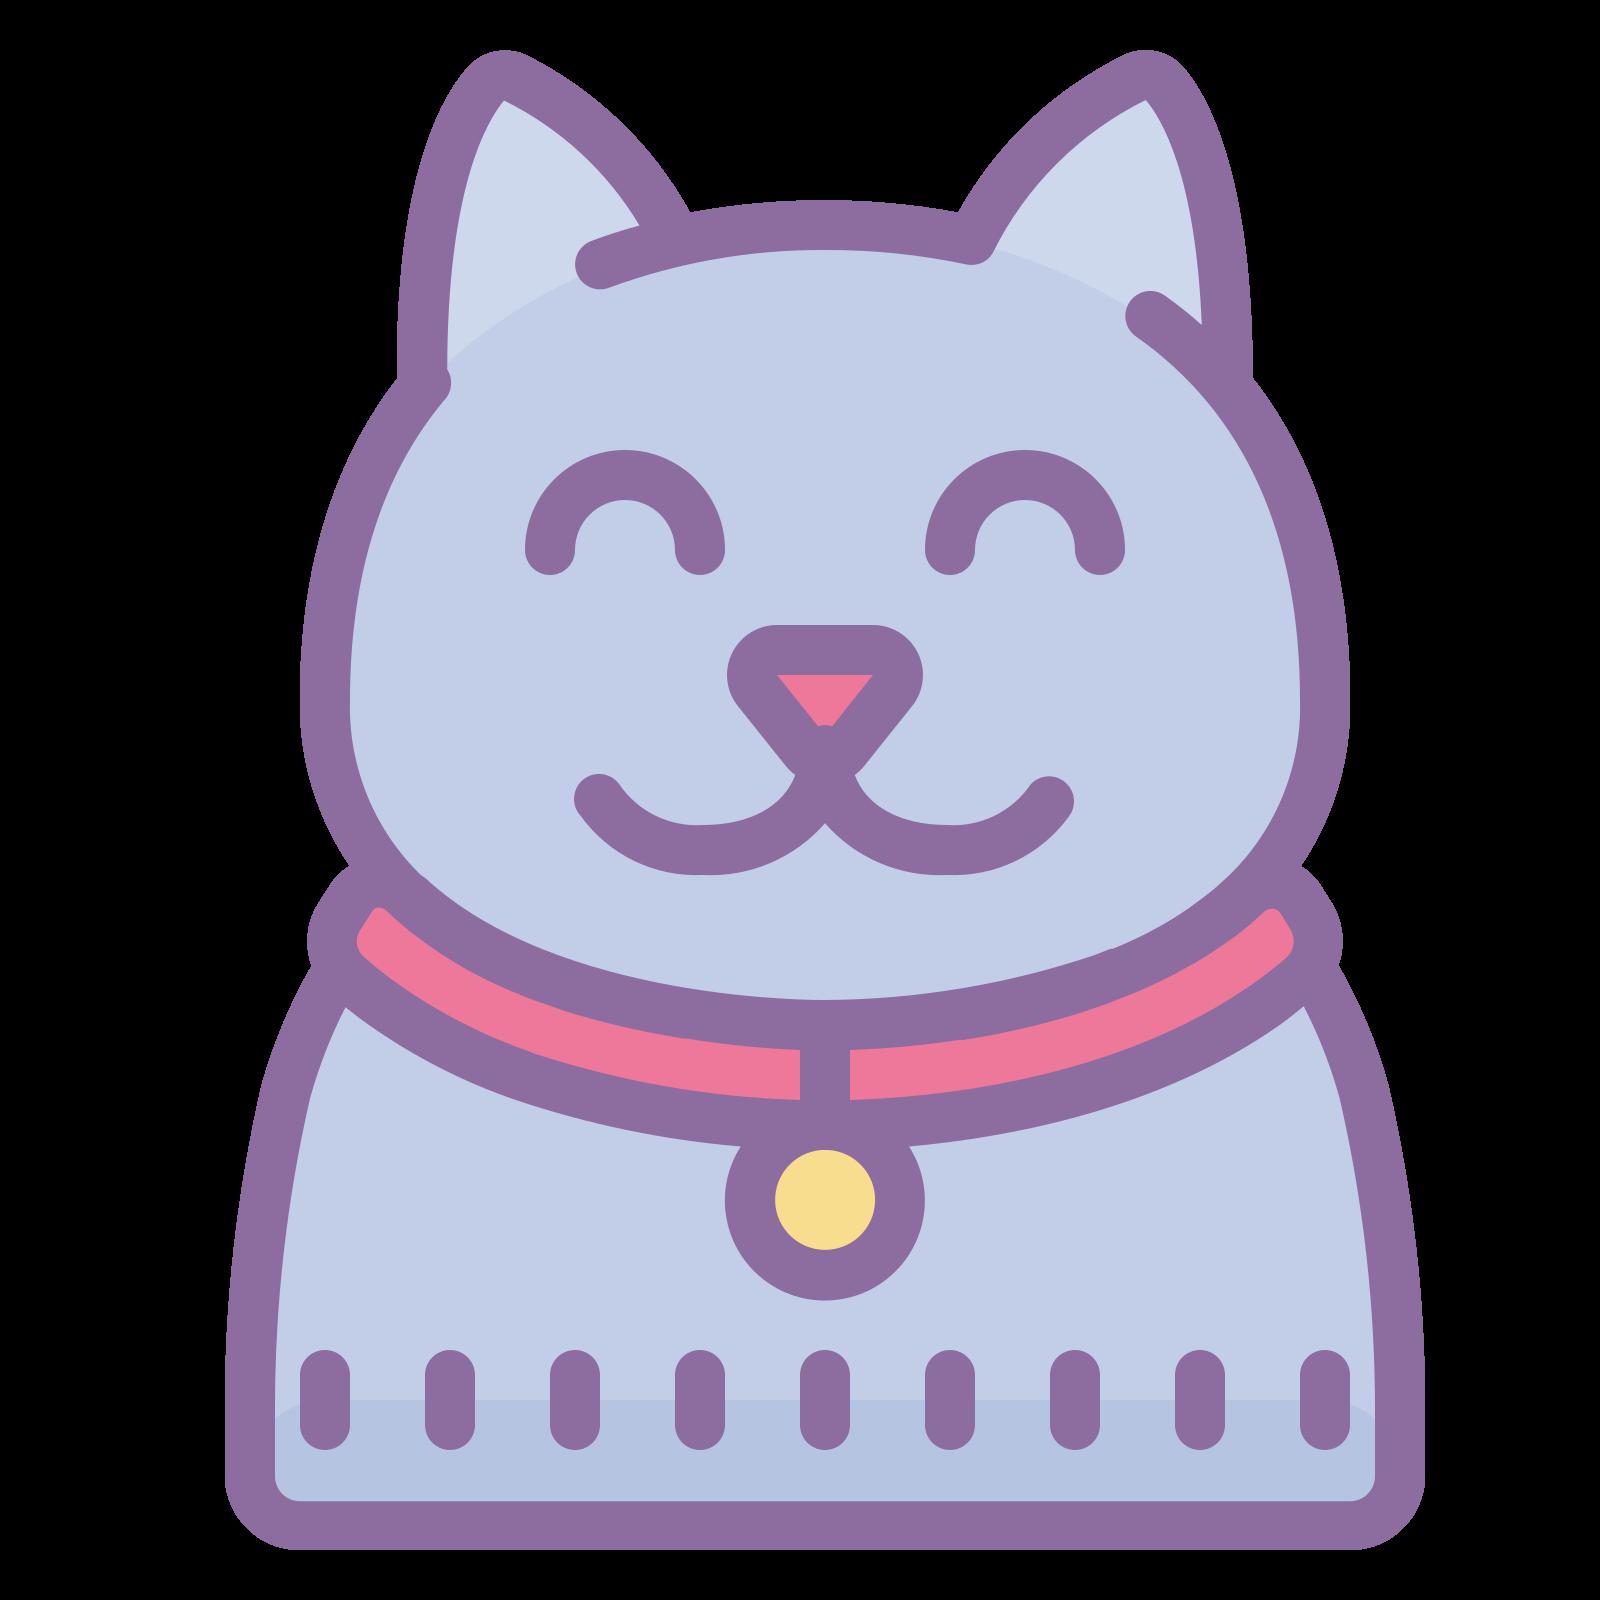 ネコ icon. This is a picture of a cat with three legs. It's face is pointed towards you and you can only see it's two eyes, but no mouth or nose. It's ears are pointed upwards, and it's tail is slanted on top of it's body. The legs are very long.